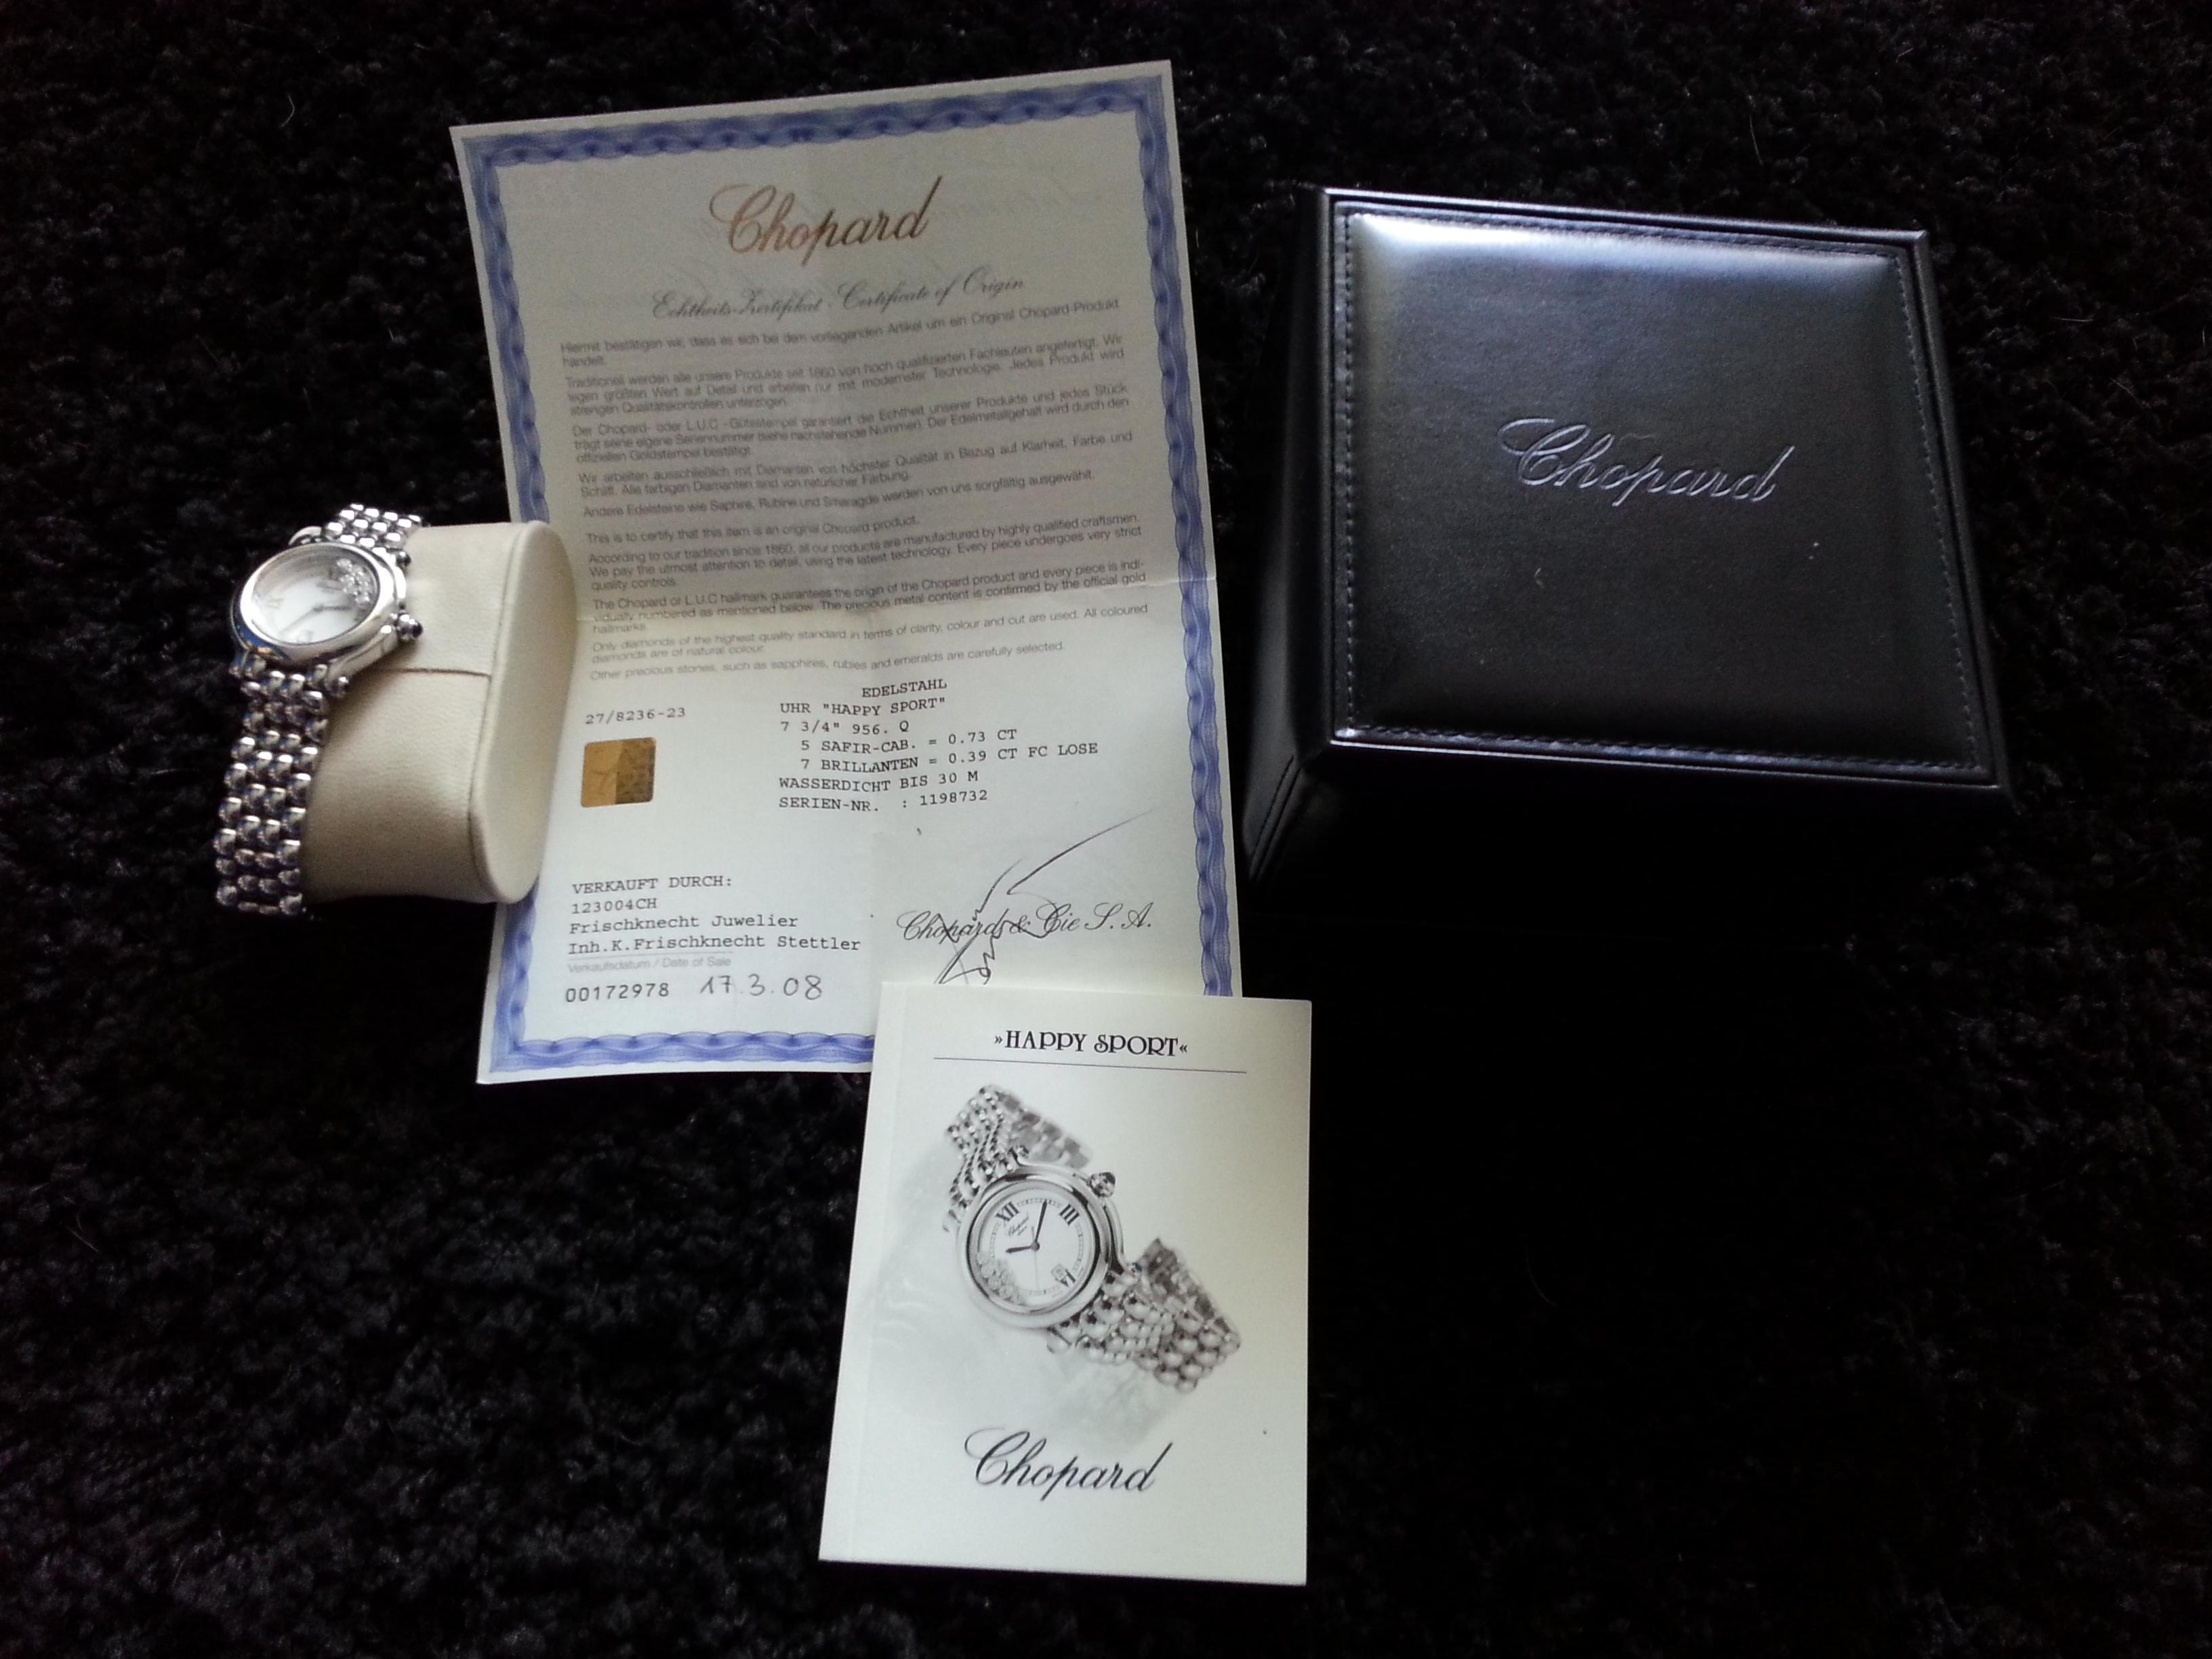 Dámské luxusní hodinky CHOPARD HAPPY SPORT